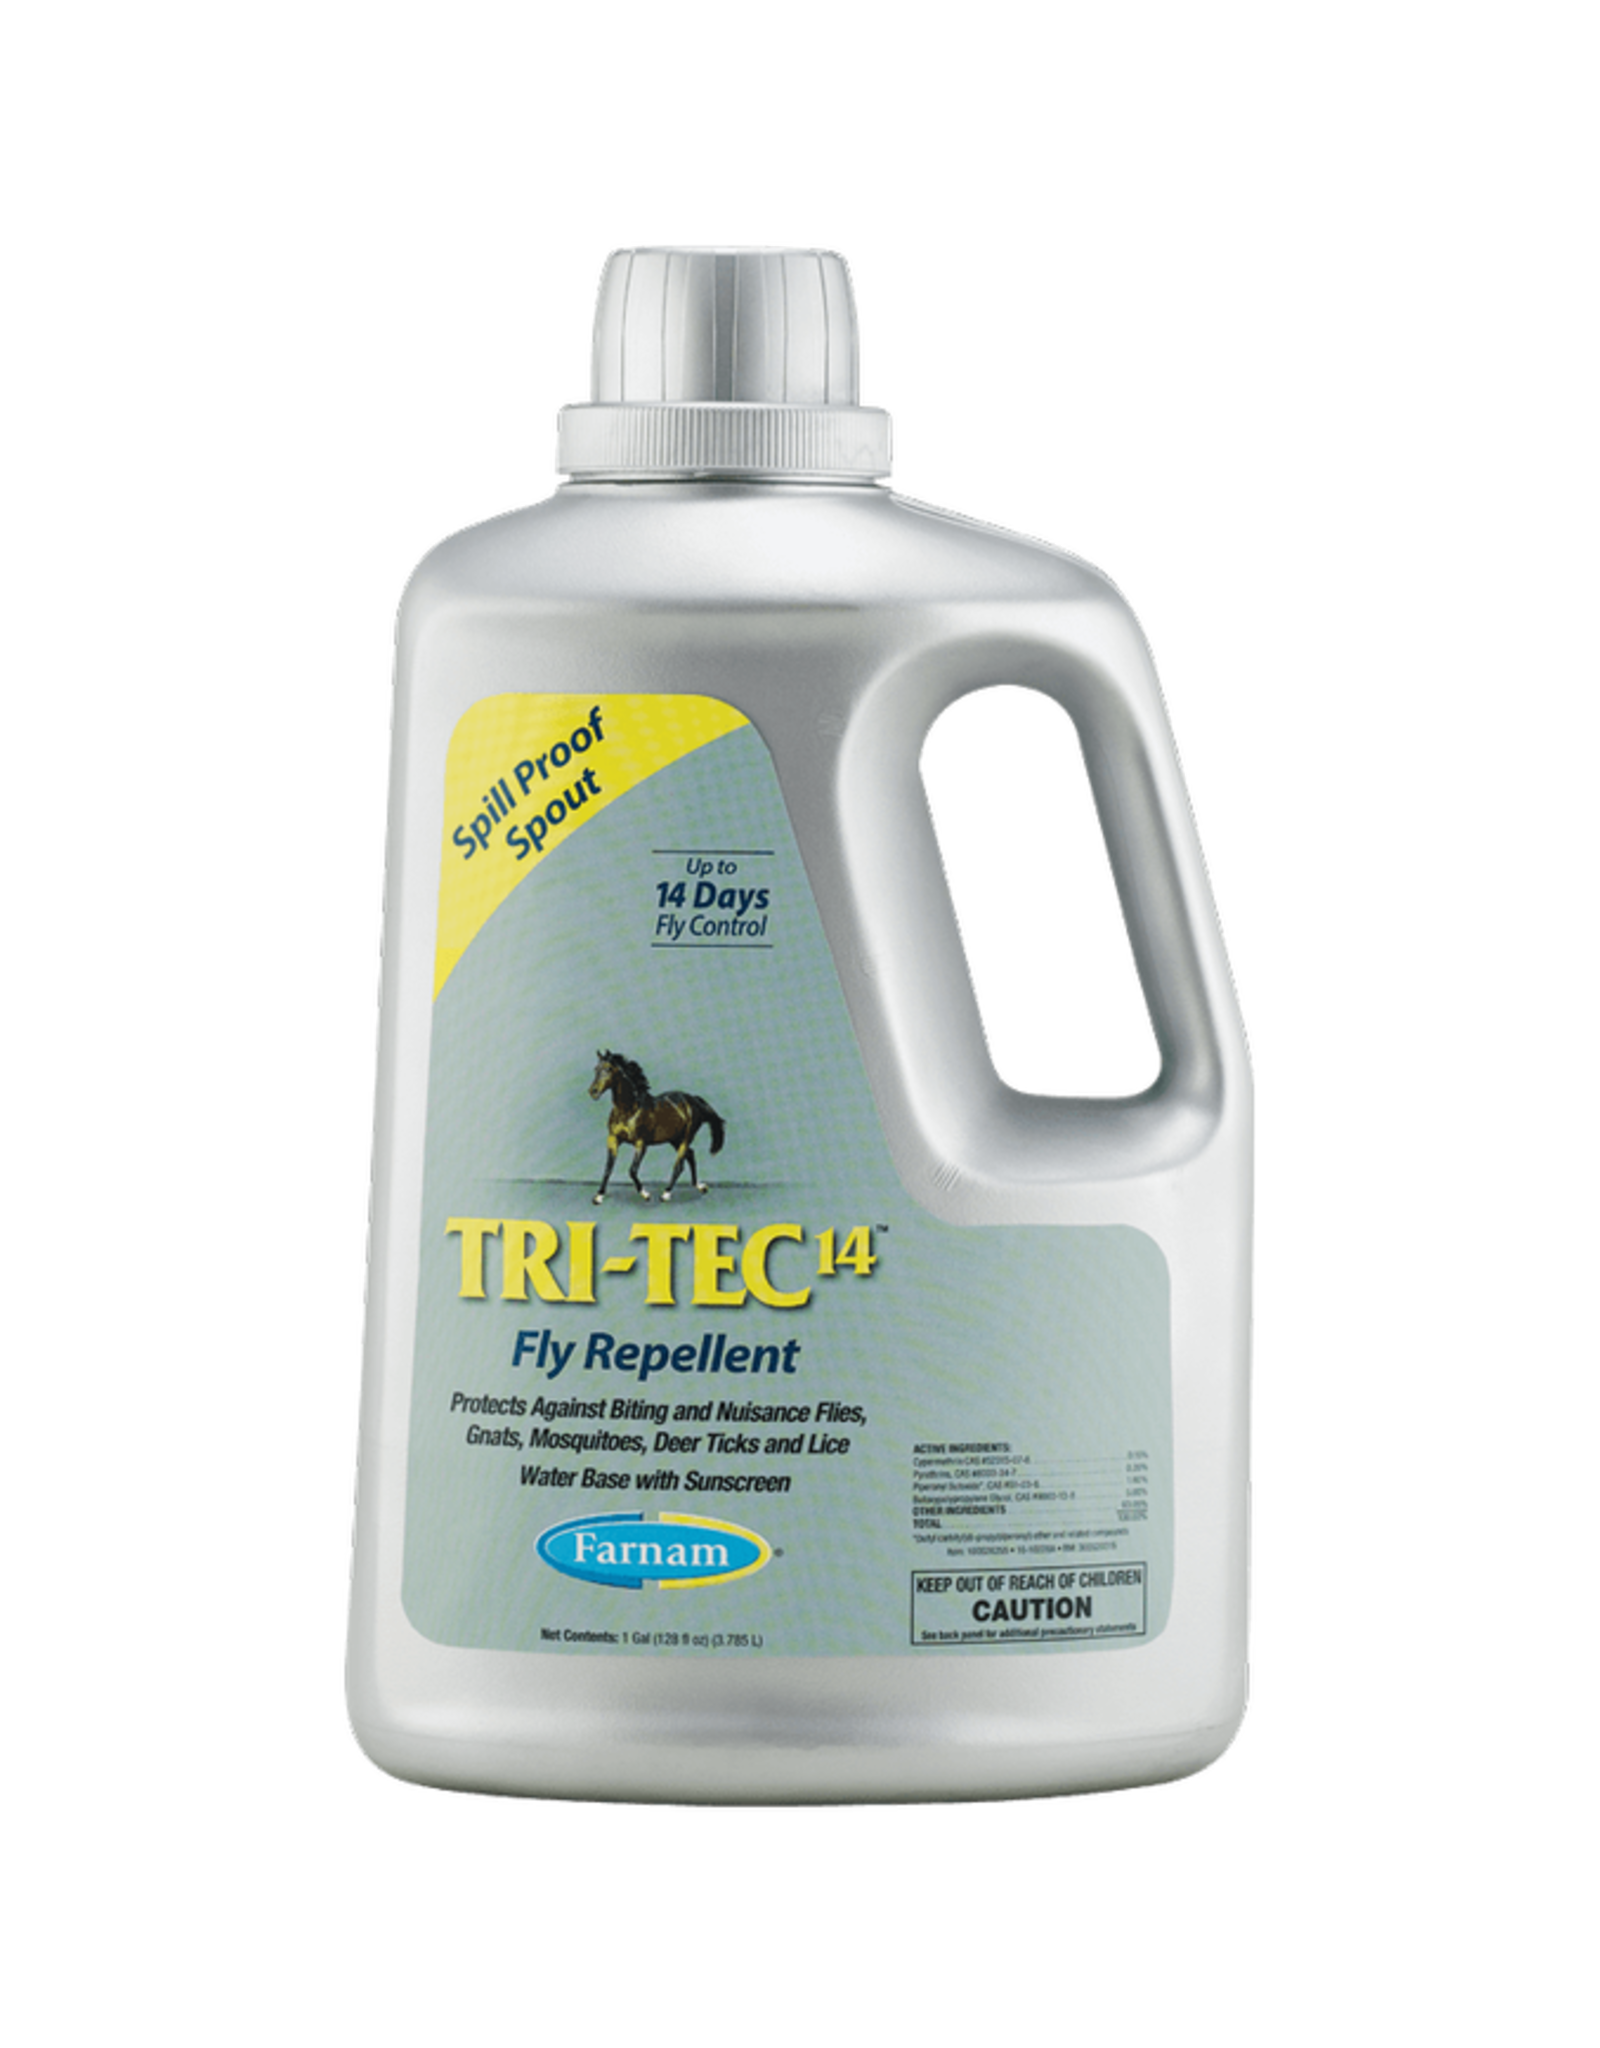 Farnam Tri-Tec 14 Fly Repellent - Gallon